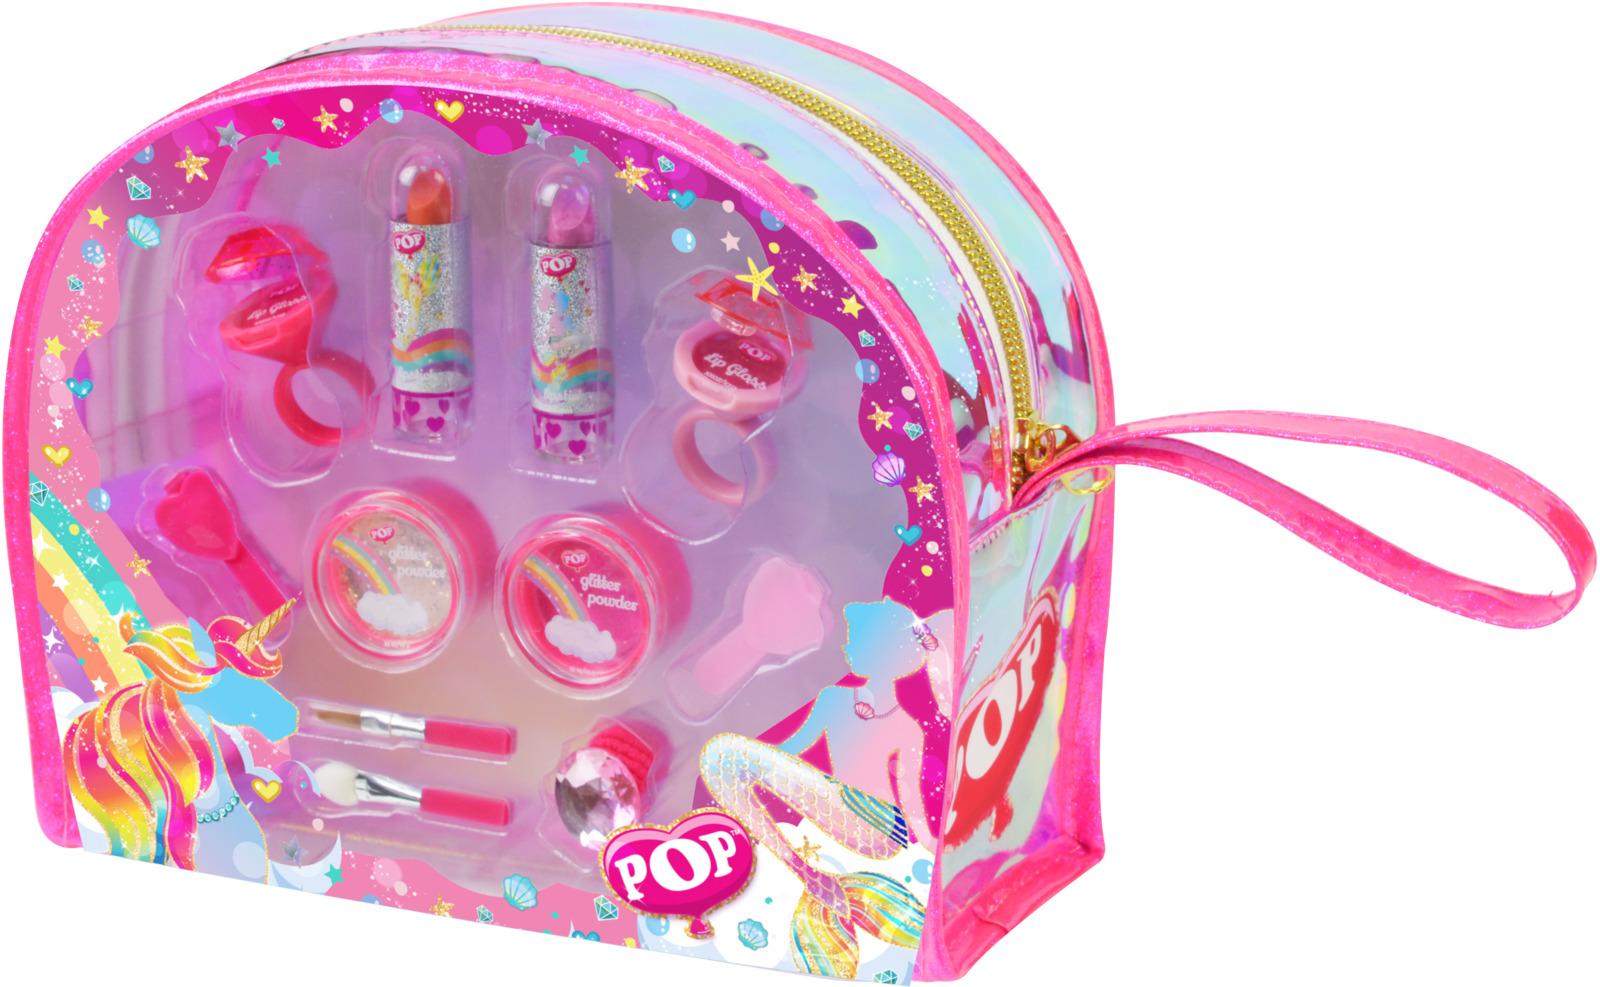 Игровой набор детской декоративной косметики Markwins POP. 3800651 игровой набор shantou chenghai мелок для волос блеск для губ резиночки 6 шт